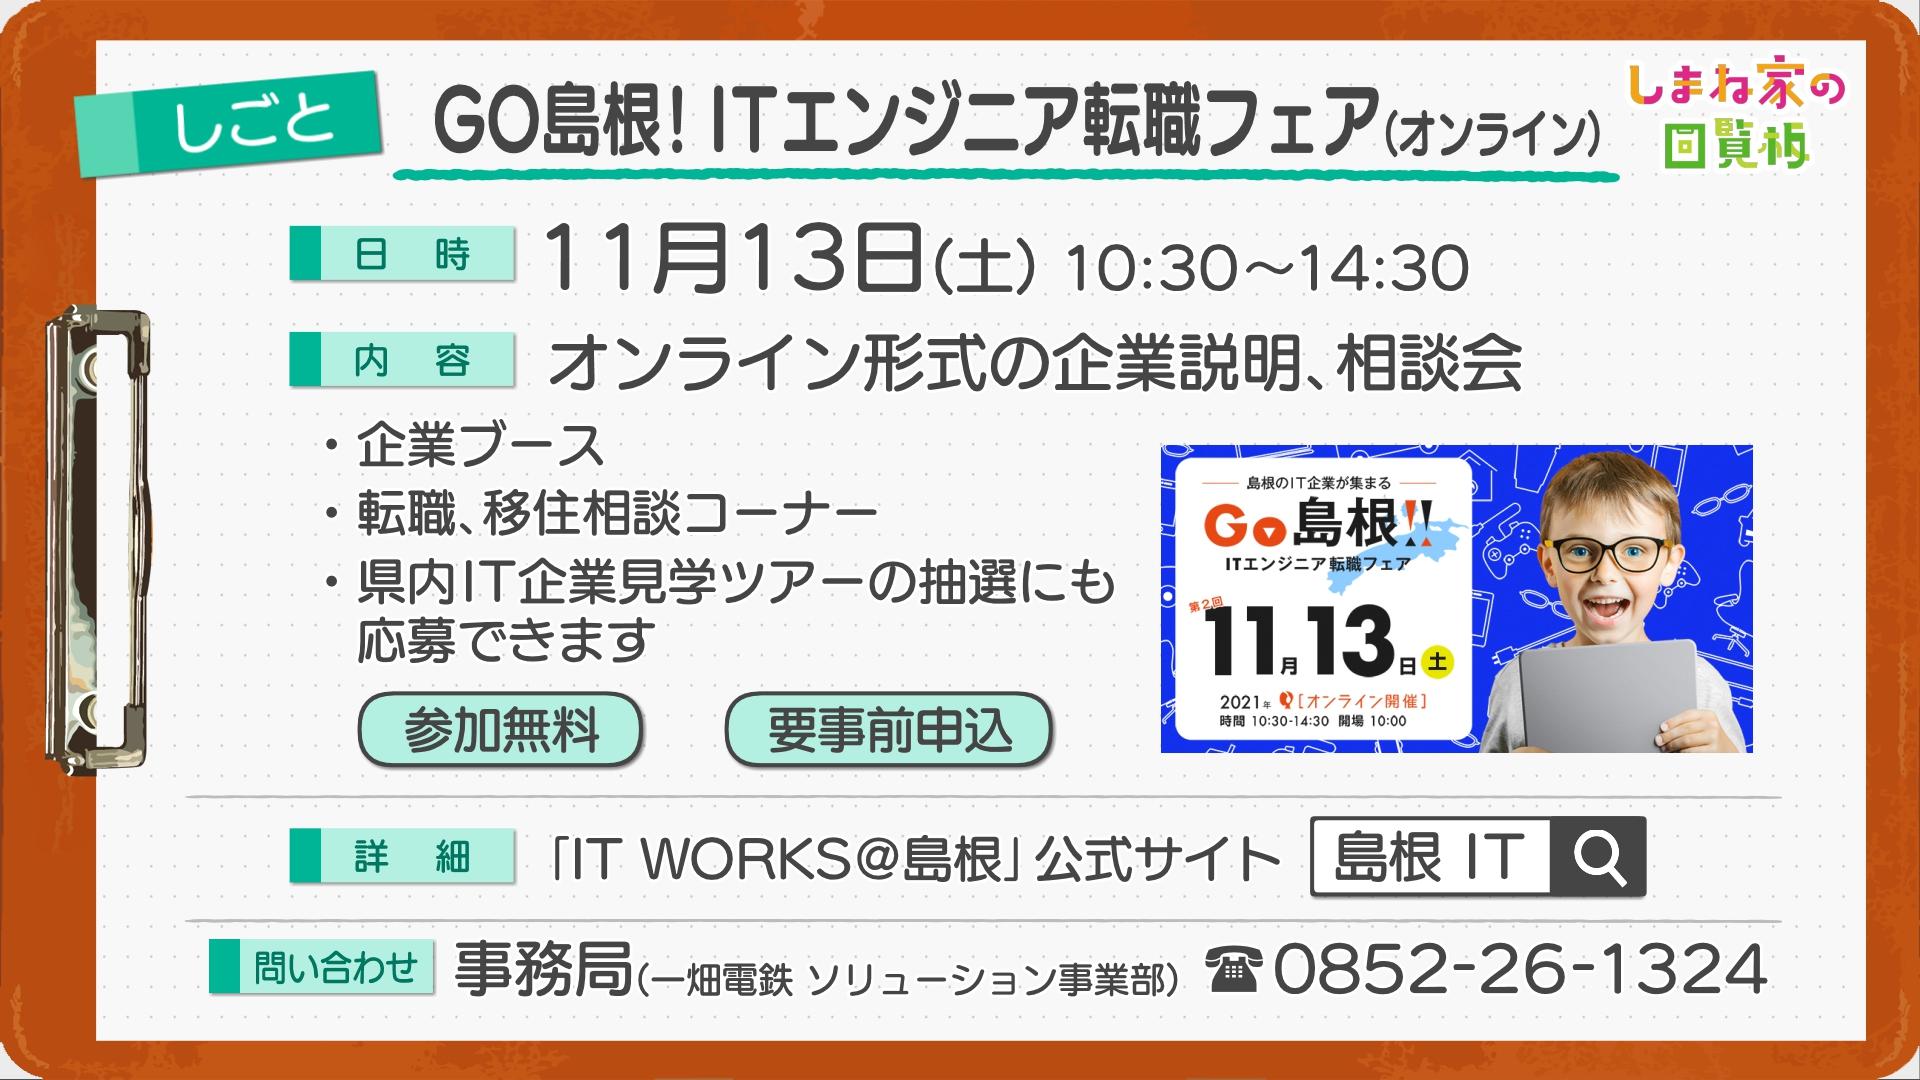 GO島根!ITエンジニア転職フェア(オンライン)